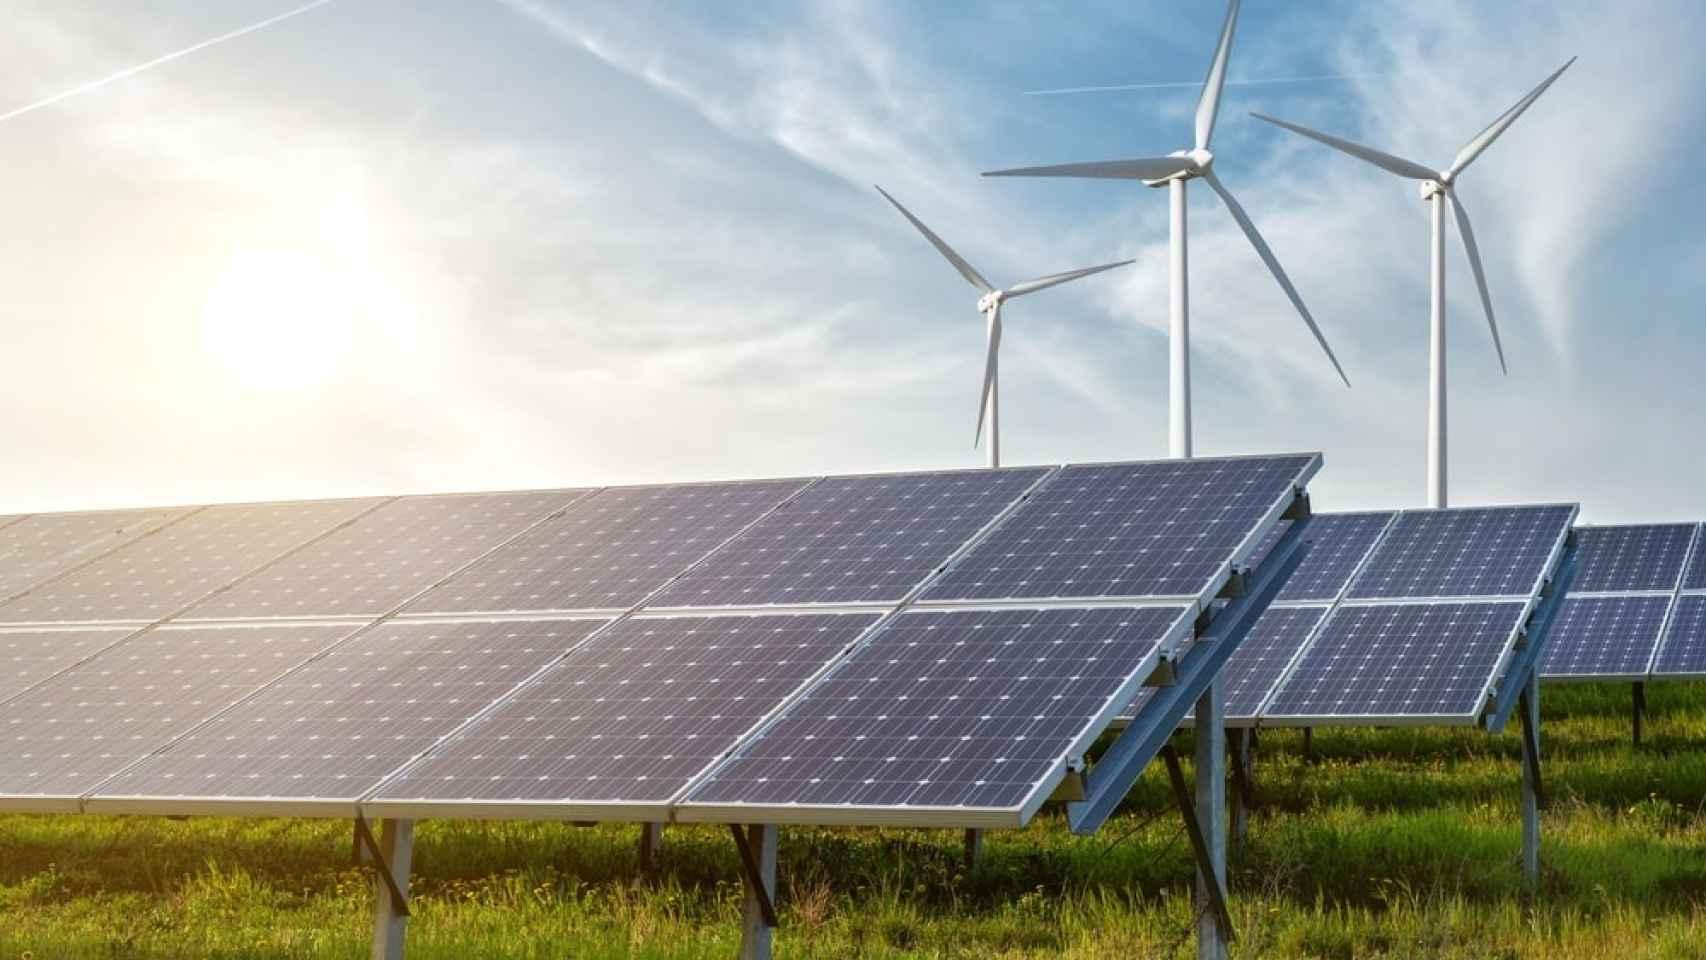 Imagen referencial sobre energías renovables.